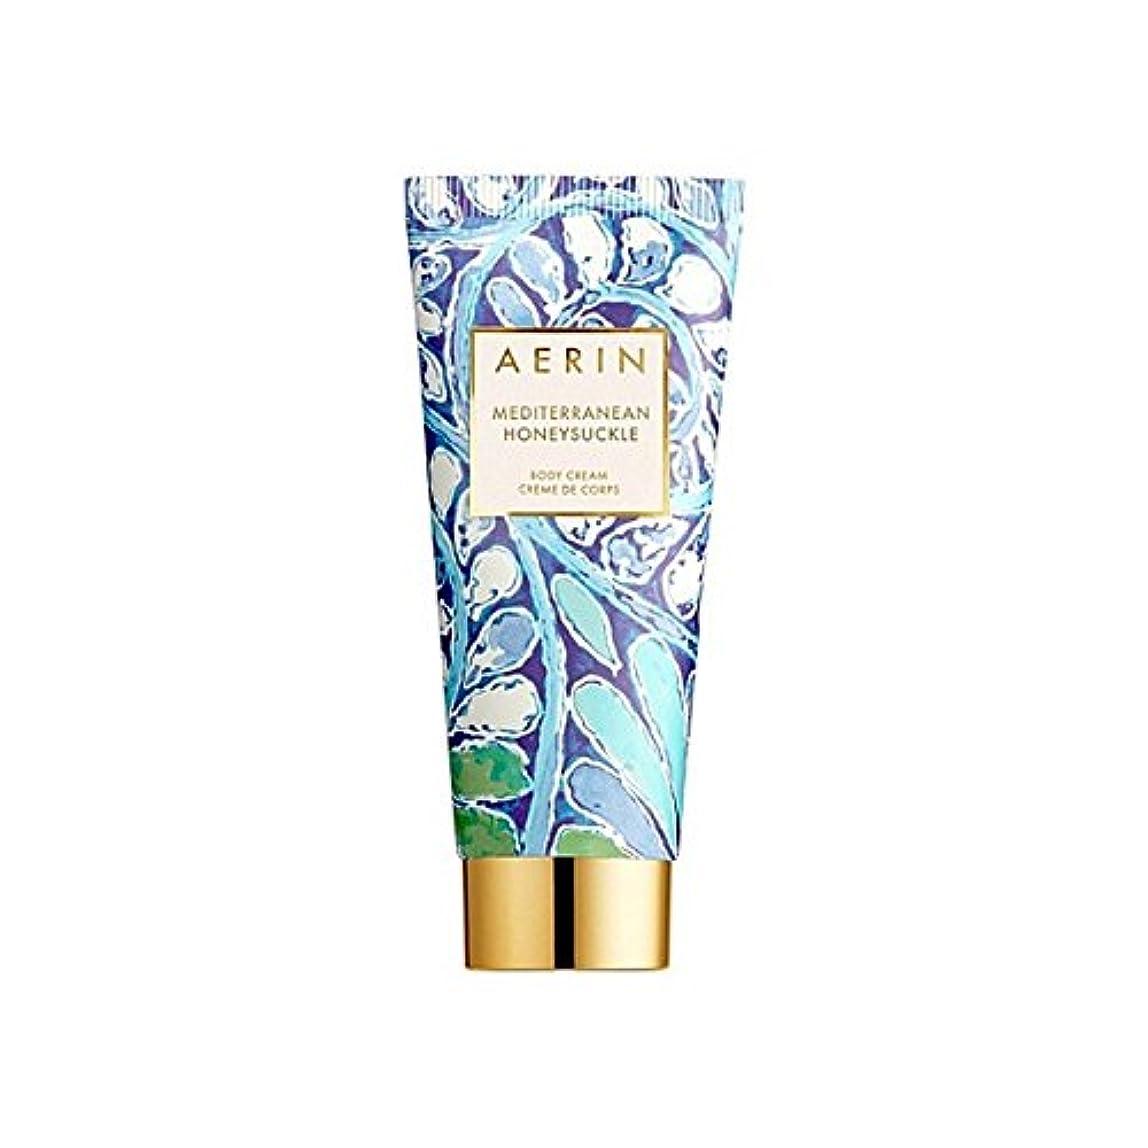 姪俳句カラススイカズラボディクリーム150ミリリットル x2 - Aerin Mediterrenean Honeysuckle Body Cream 150ml (Pack of 2) [並行輸入品]